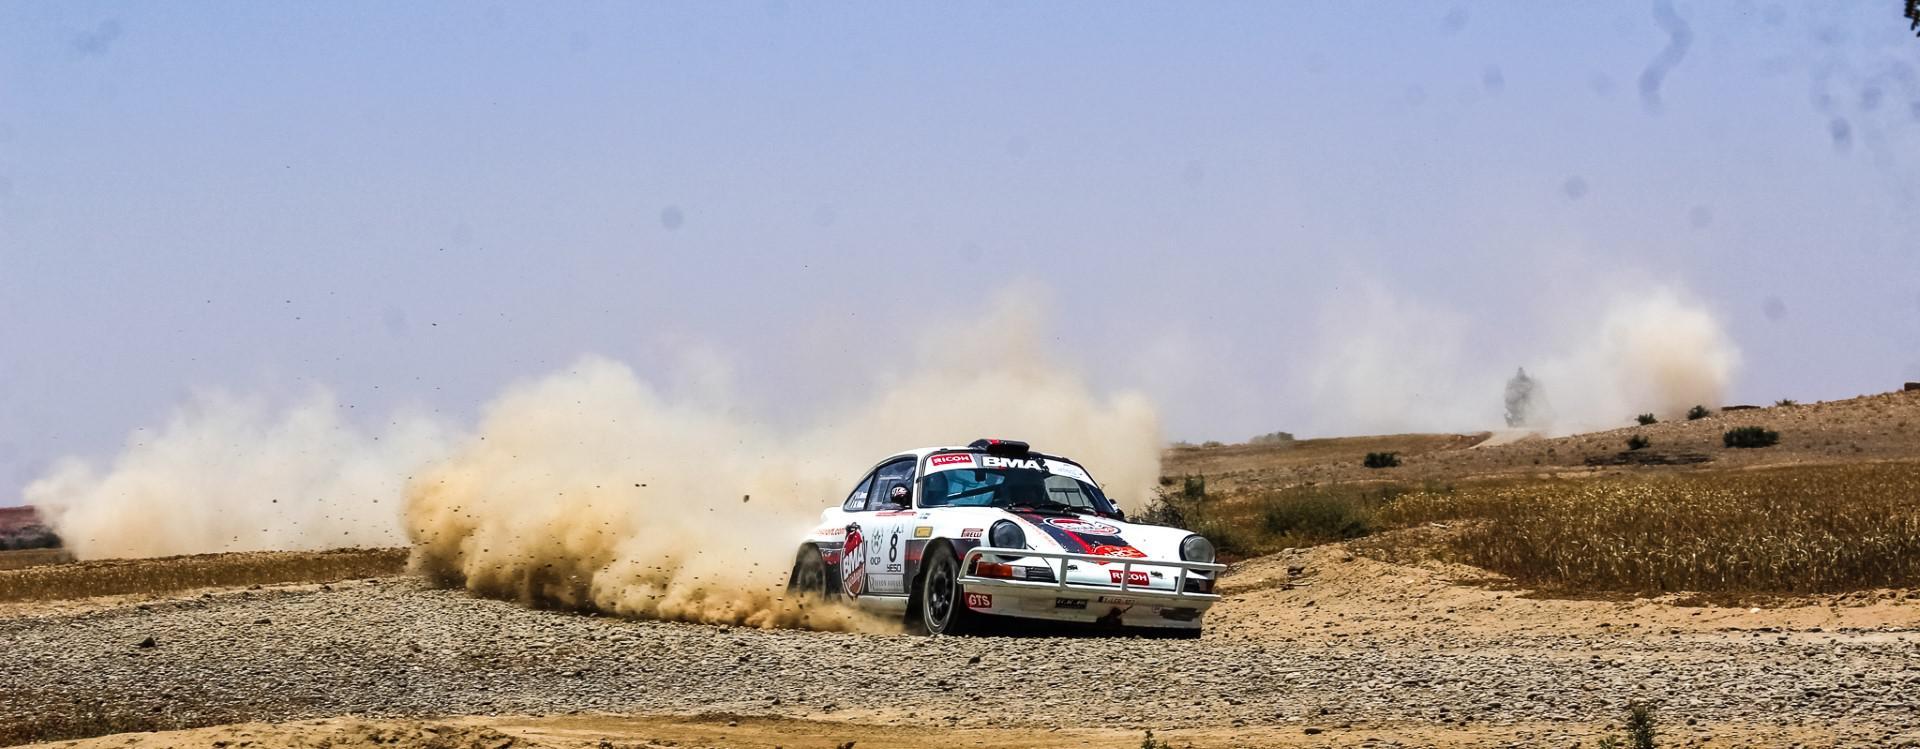 maroc-historic-rally-mhr-2018-victoire-de-deveza-827-1.jpg